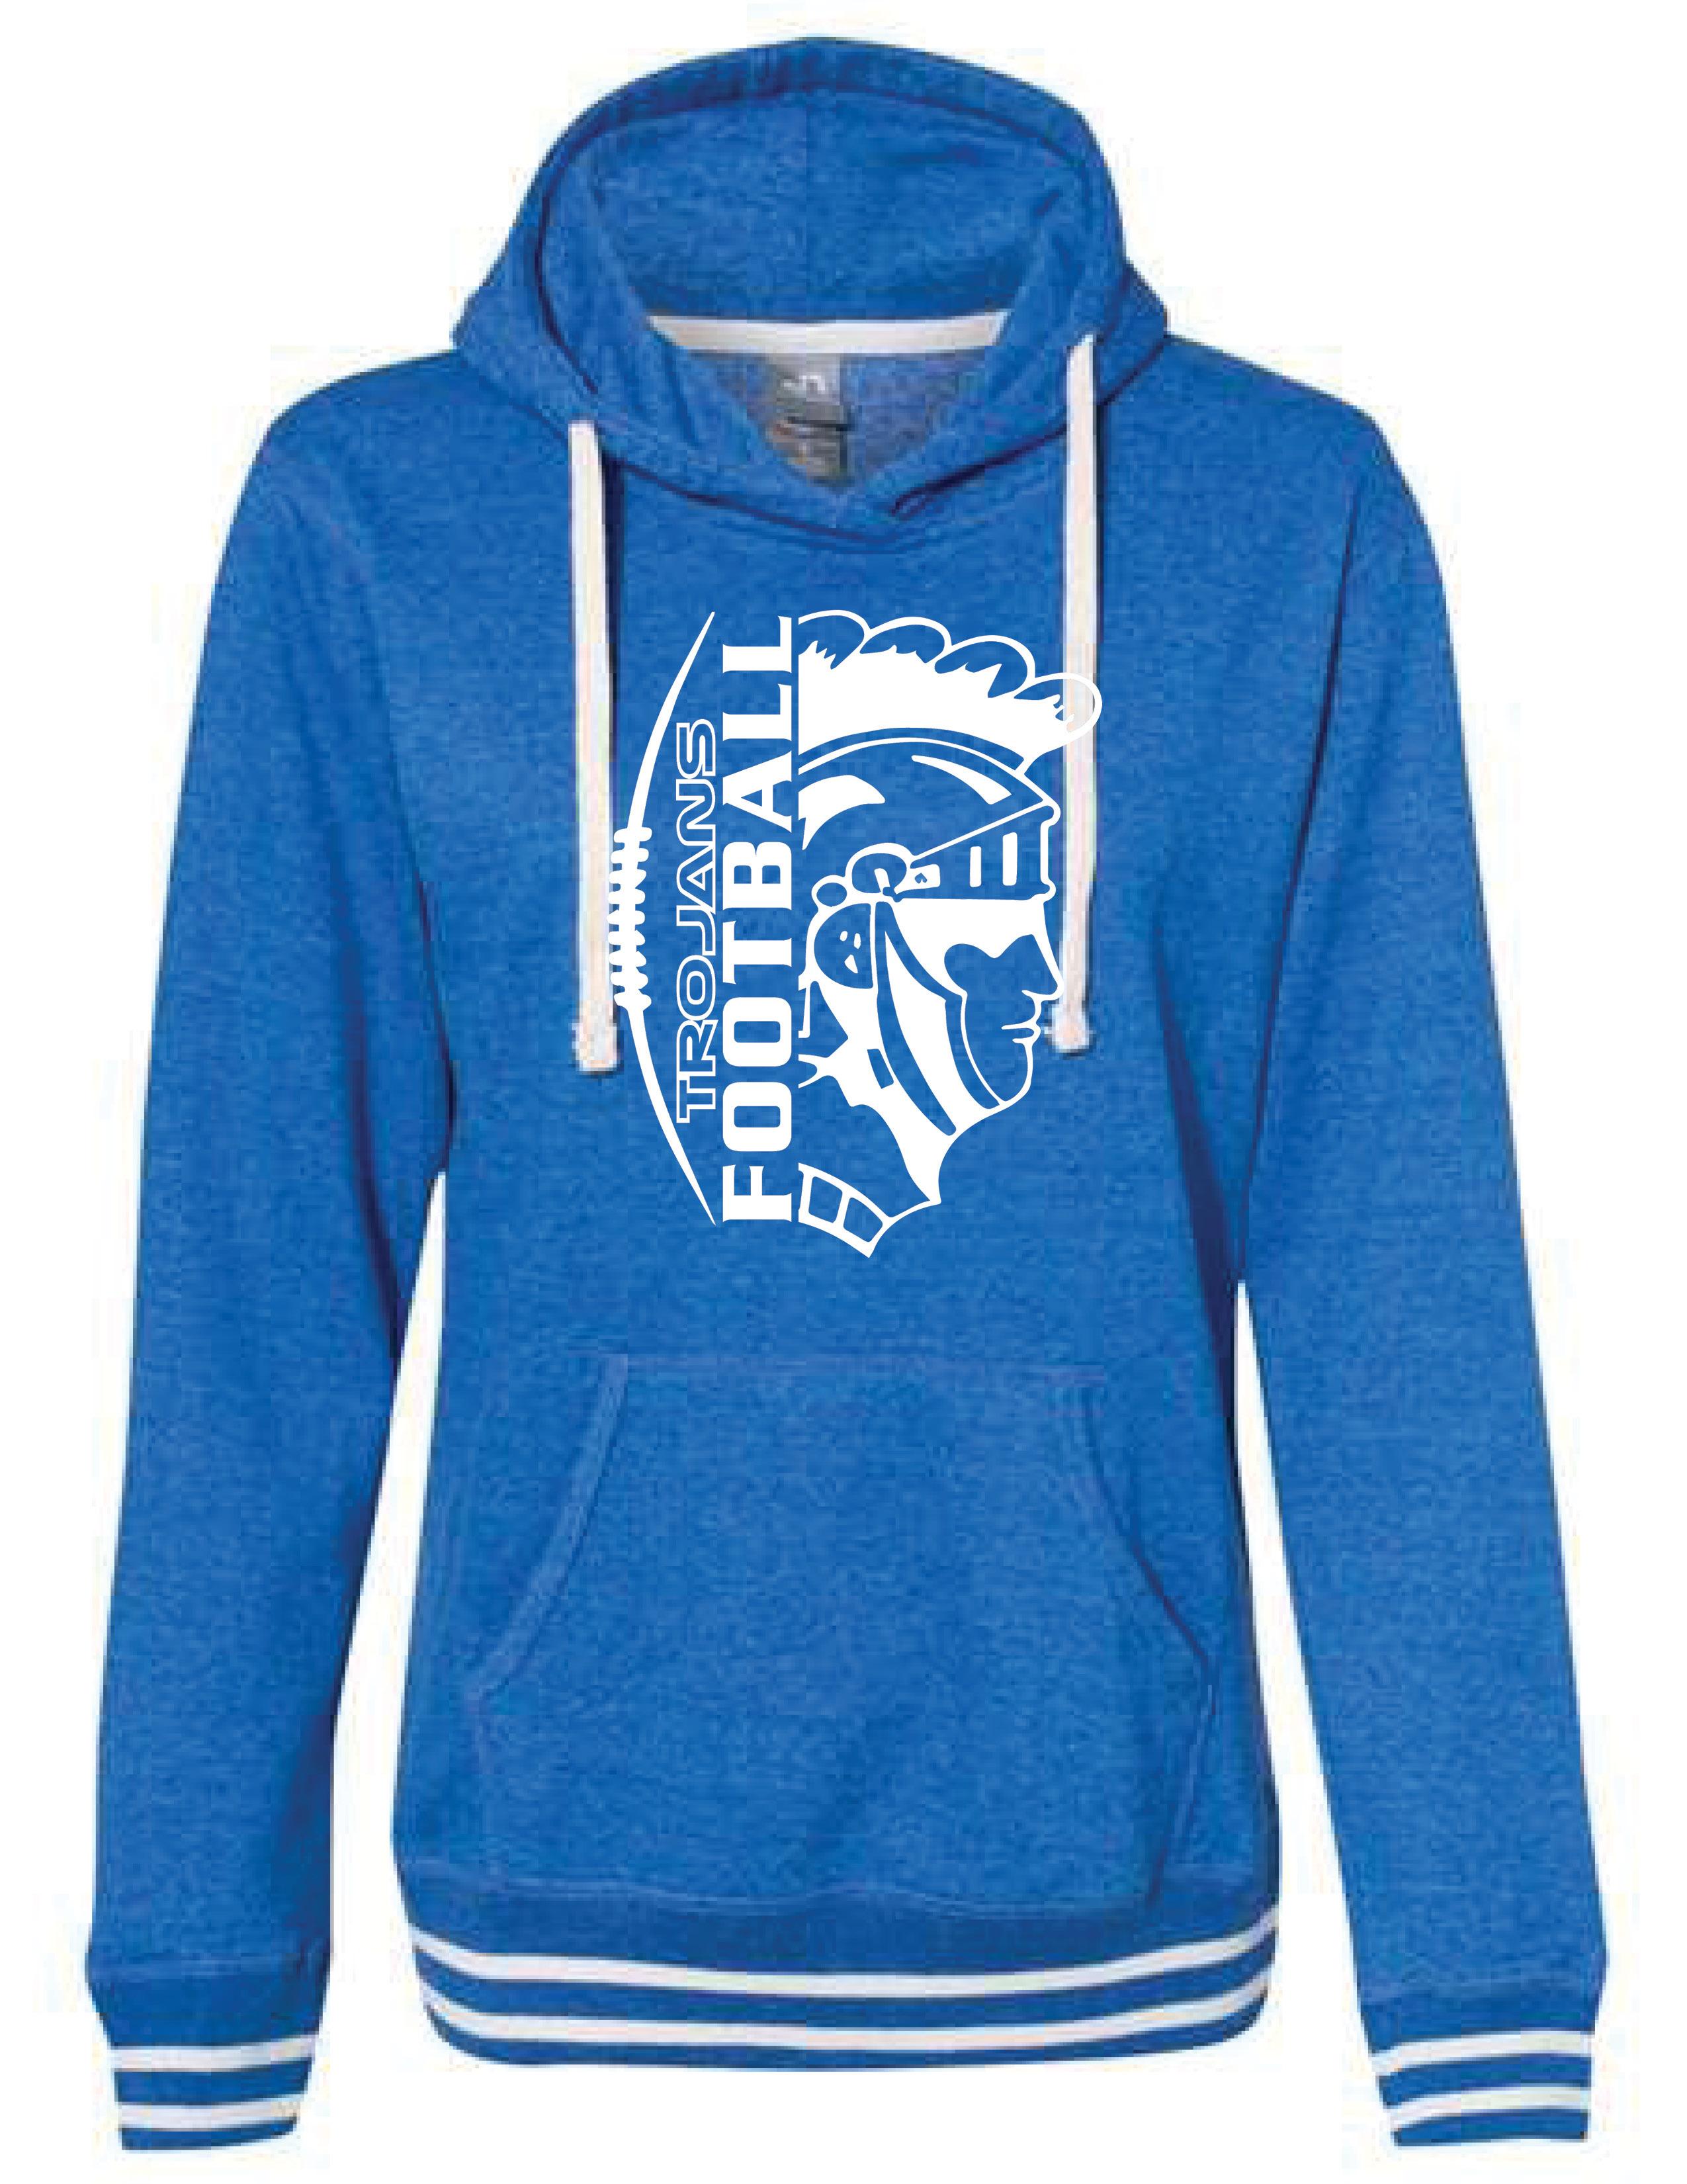 J. America - Women's Hooded Sweatshirt - (TROJAN)